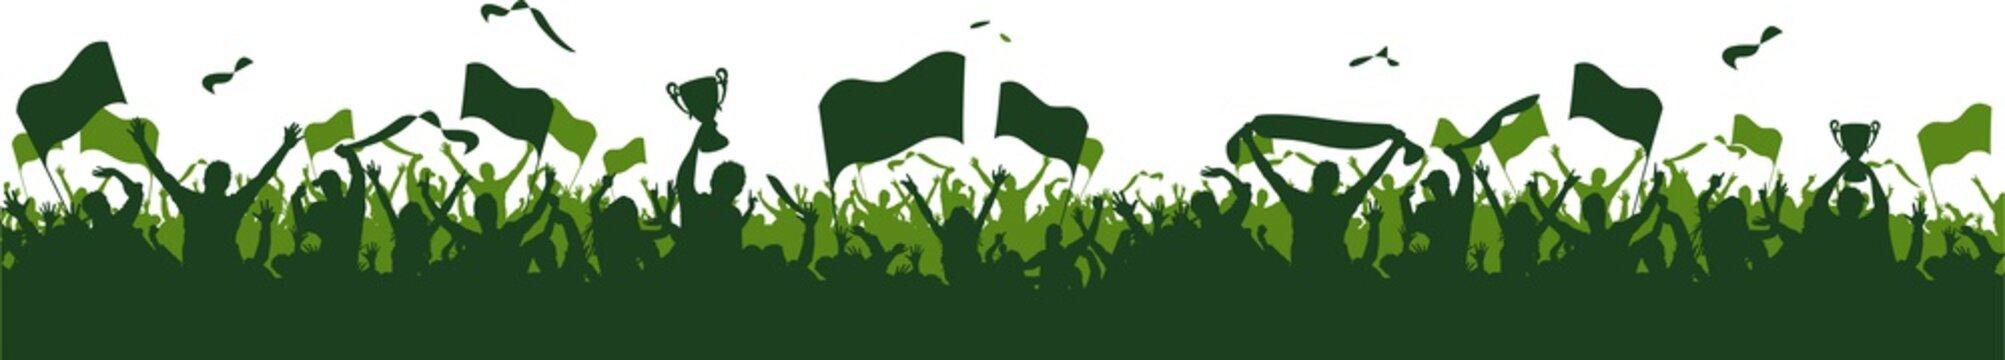 Grün Fans Fahnen Gruppe